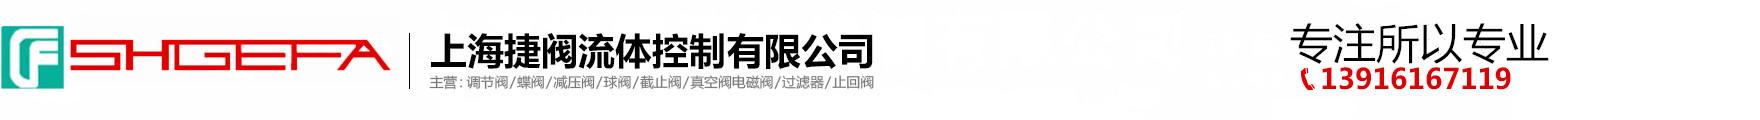 上海捷流阀门有限公司